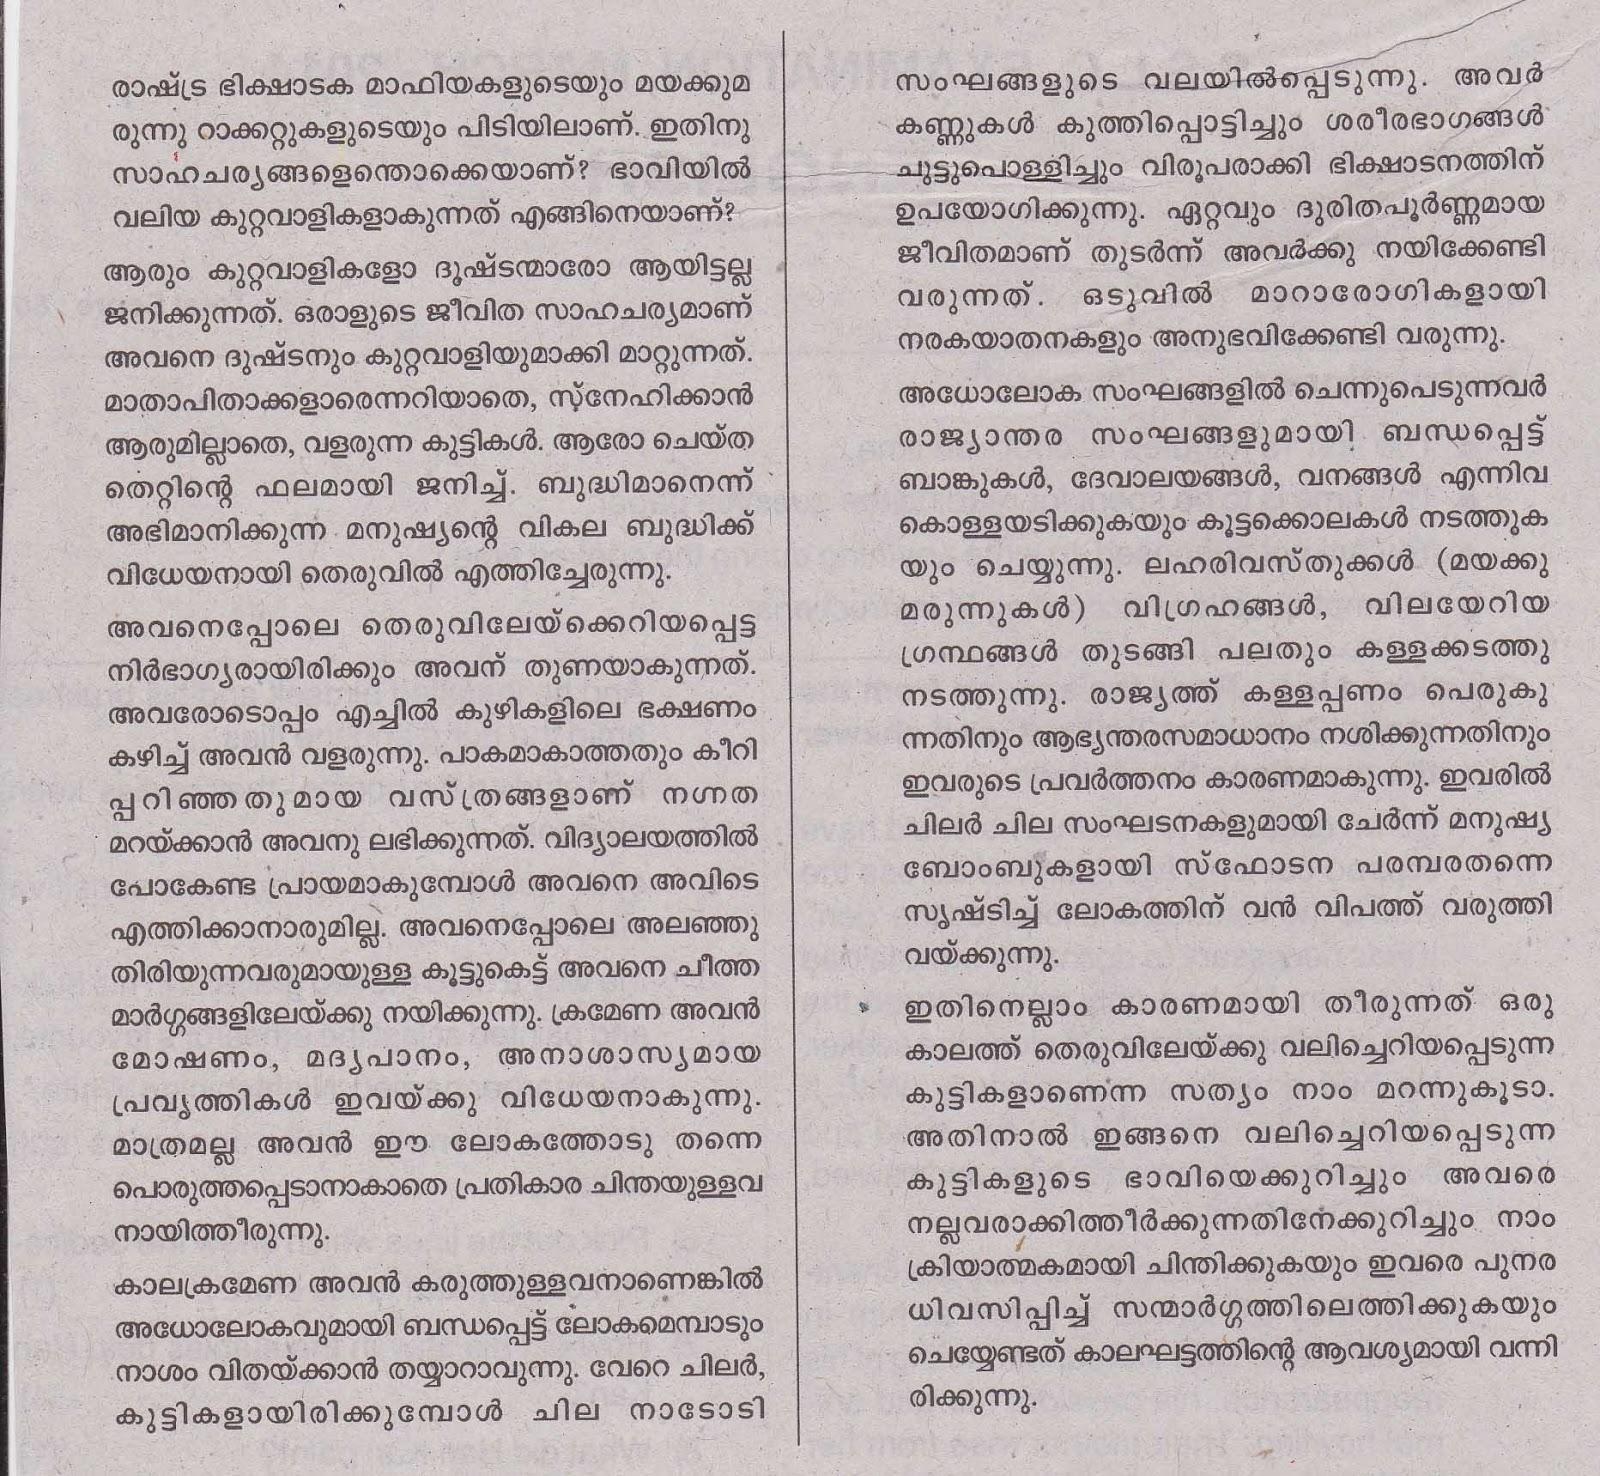 Malayalam essay on kerala tourism